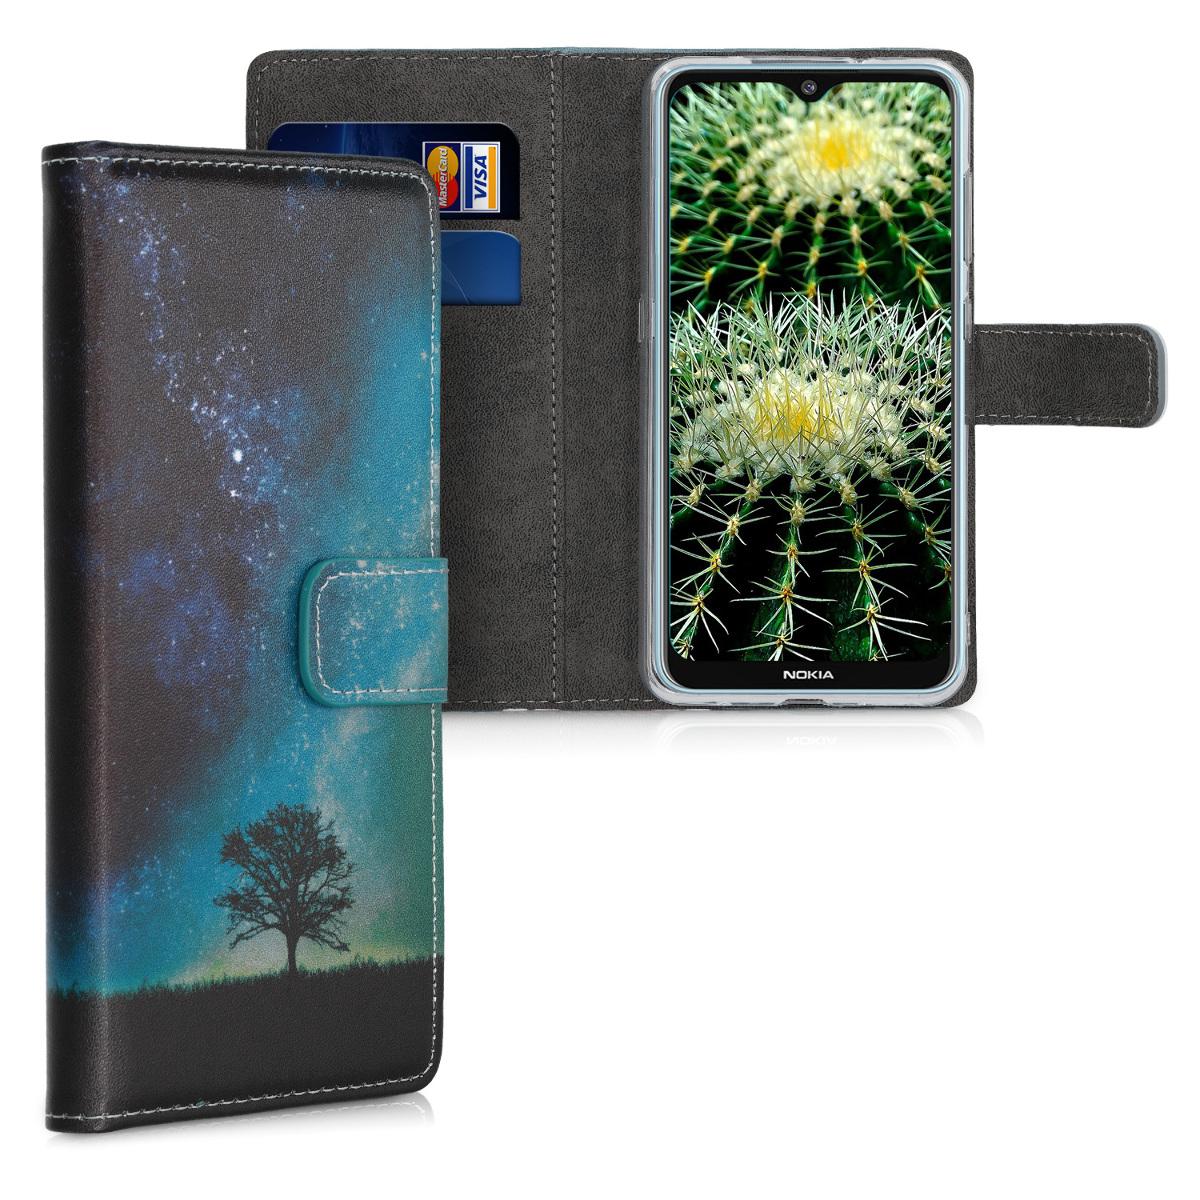 KW Θήκη - Πορτοφόλι Nokia 6.2 - Blue / Grey / Black (50146.01)